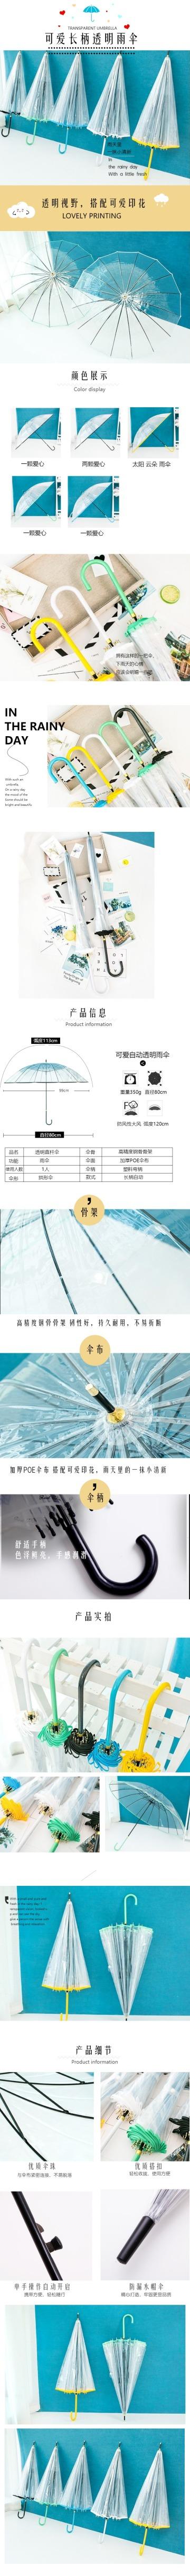 清新简约可爱百货零售家居生活透明雨伞促销电商详情页